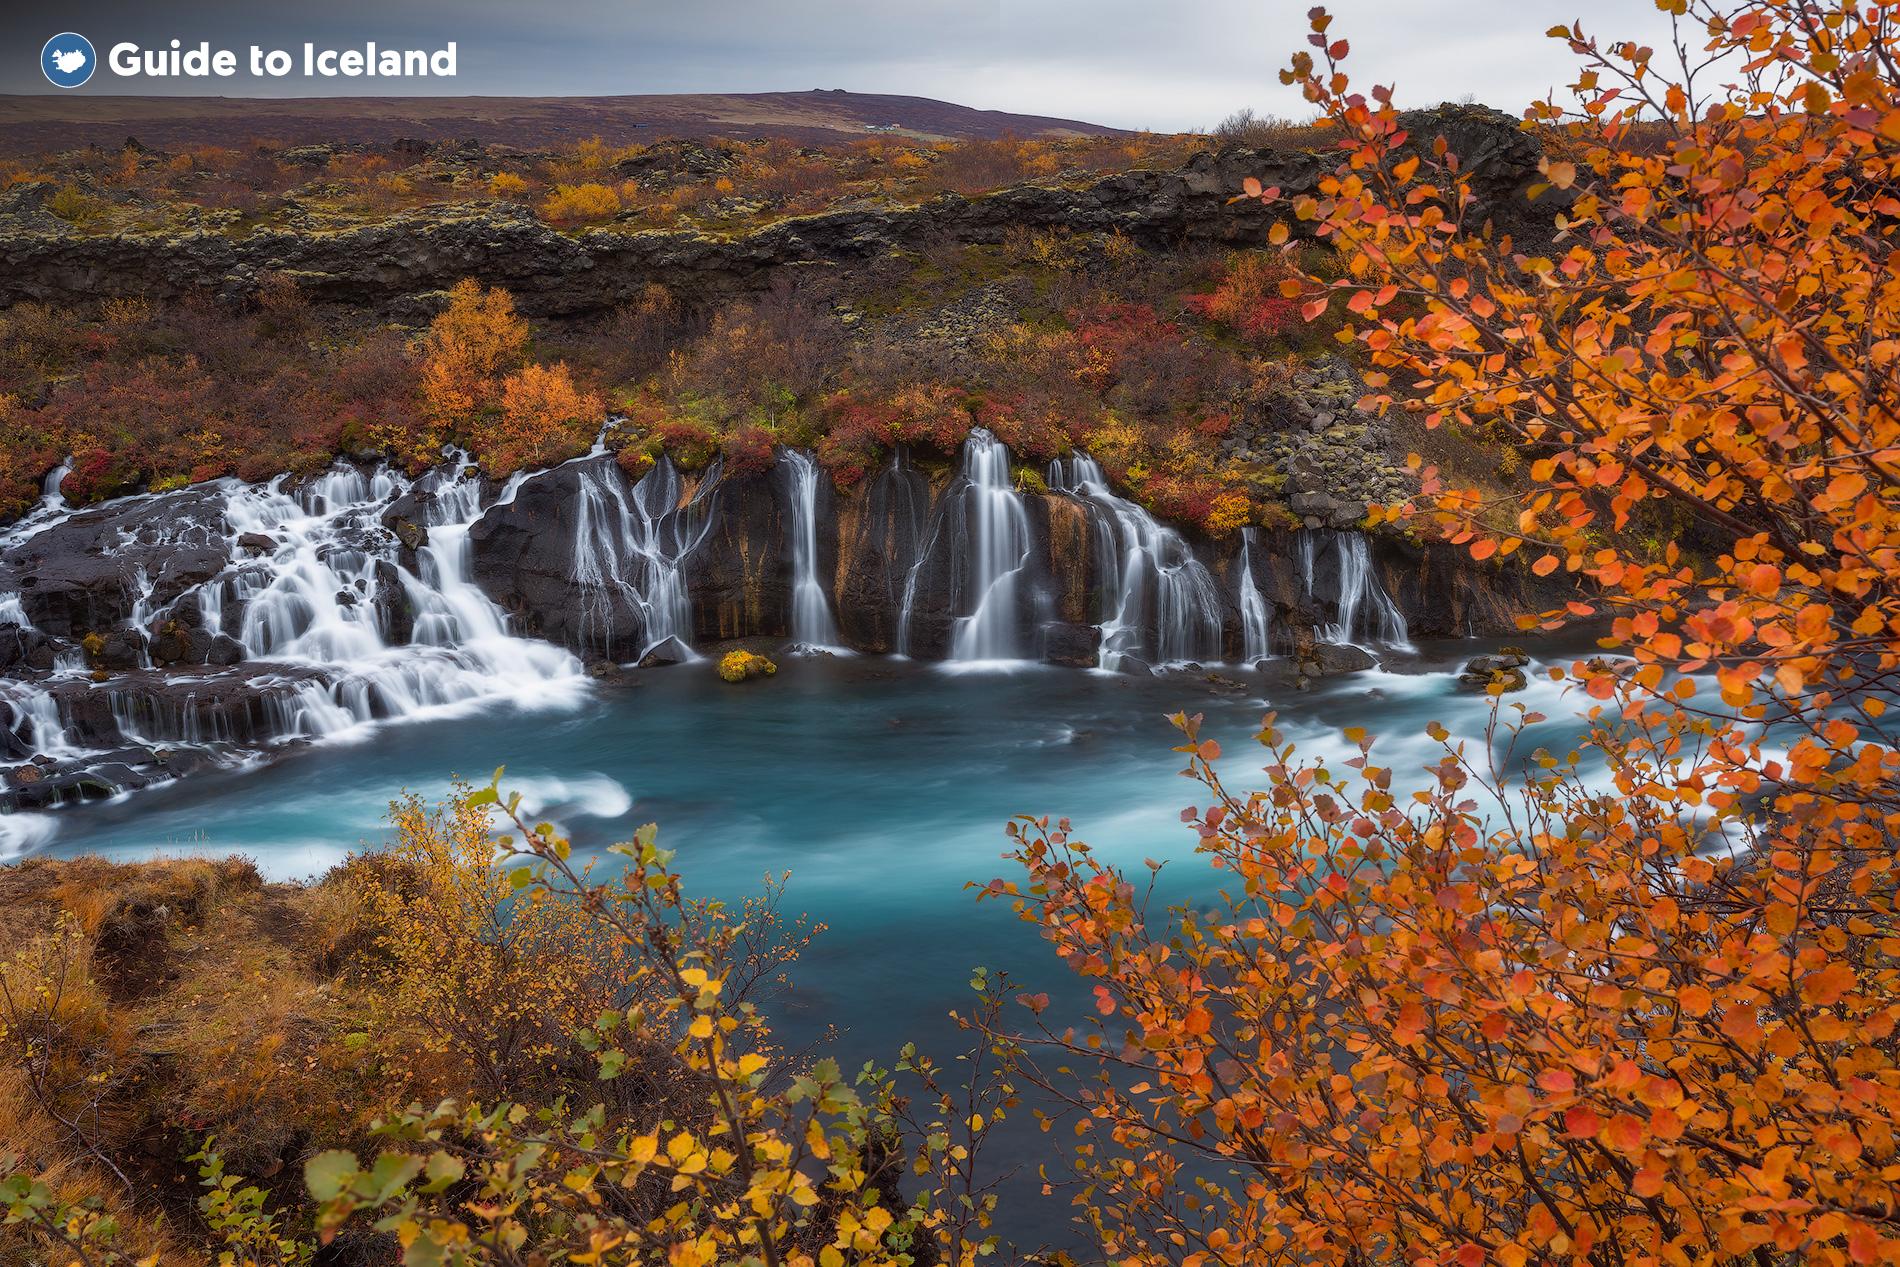 Les chutes de Hraunfossar dans l'ouest de l'Islande apparaissent sous la lave!